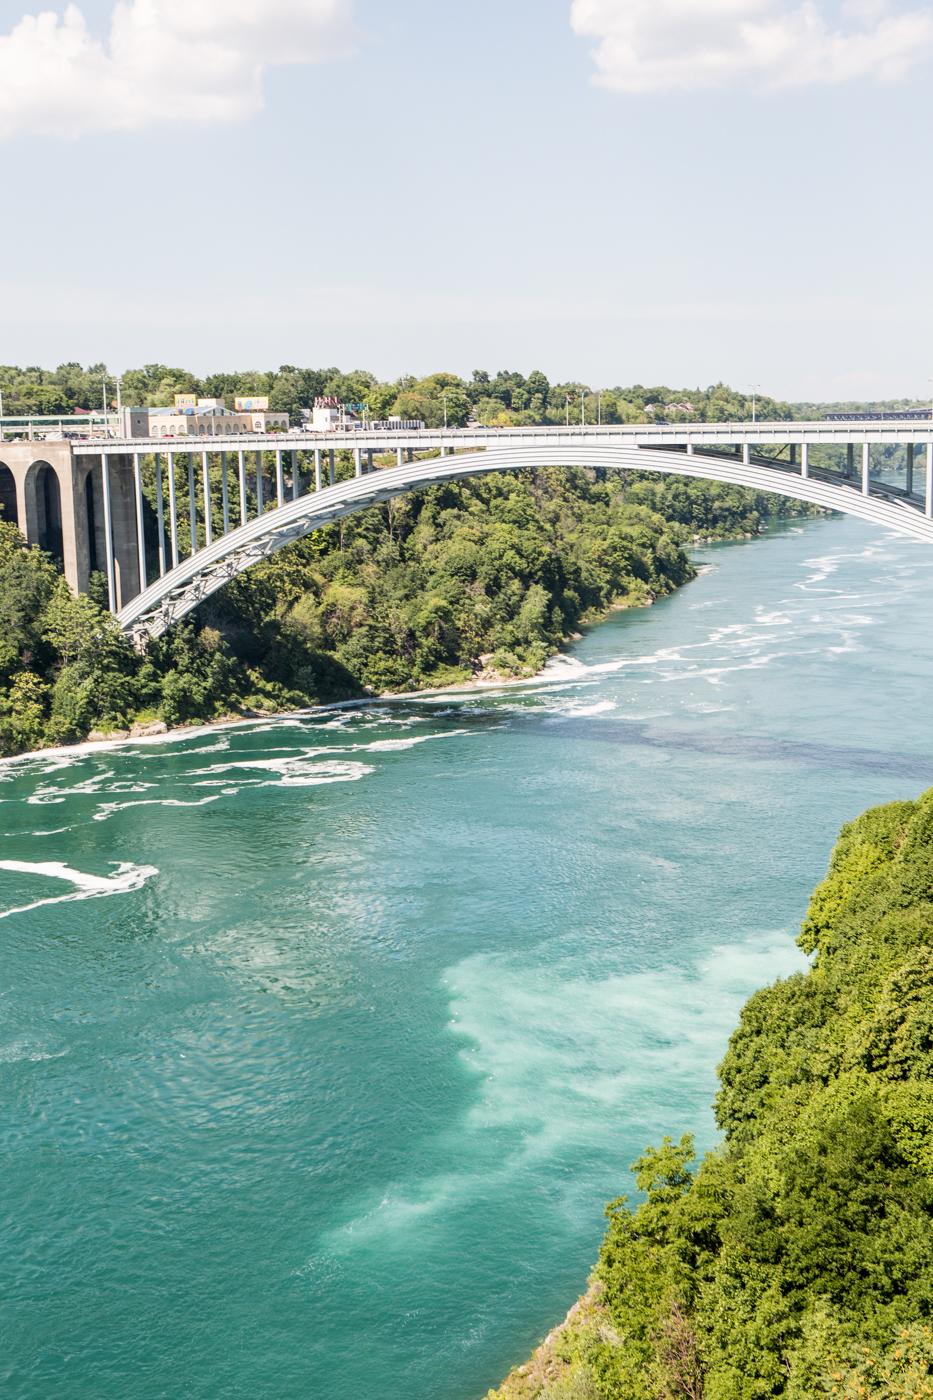 Bolandia_Blog_Montreal-Osheaga-Niagara-Falls-4100.jpg